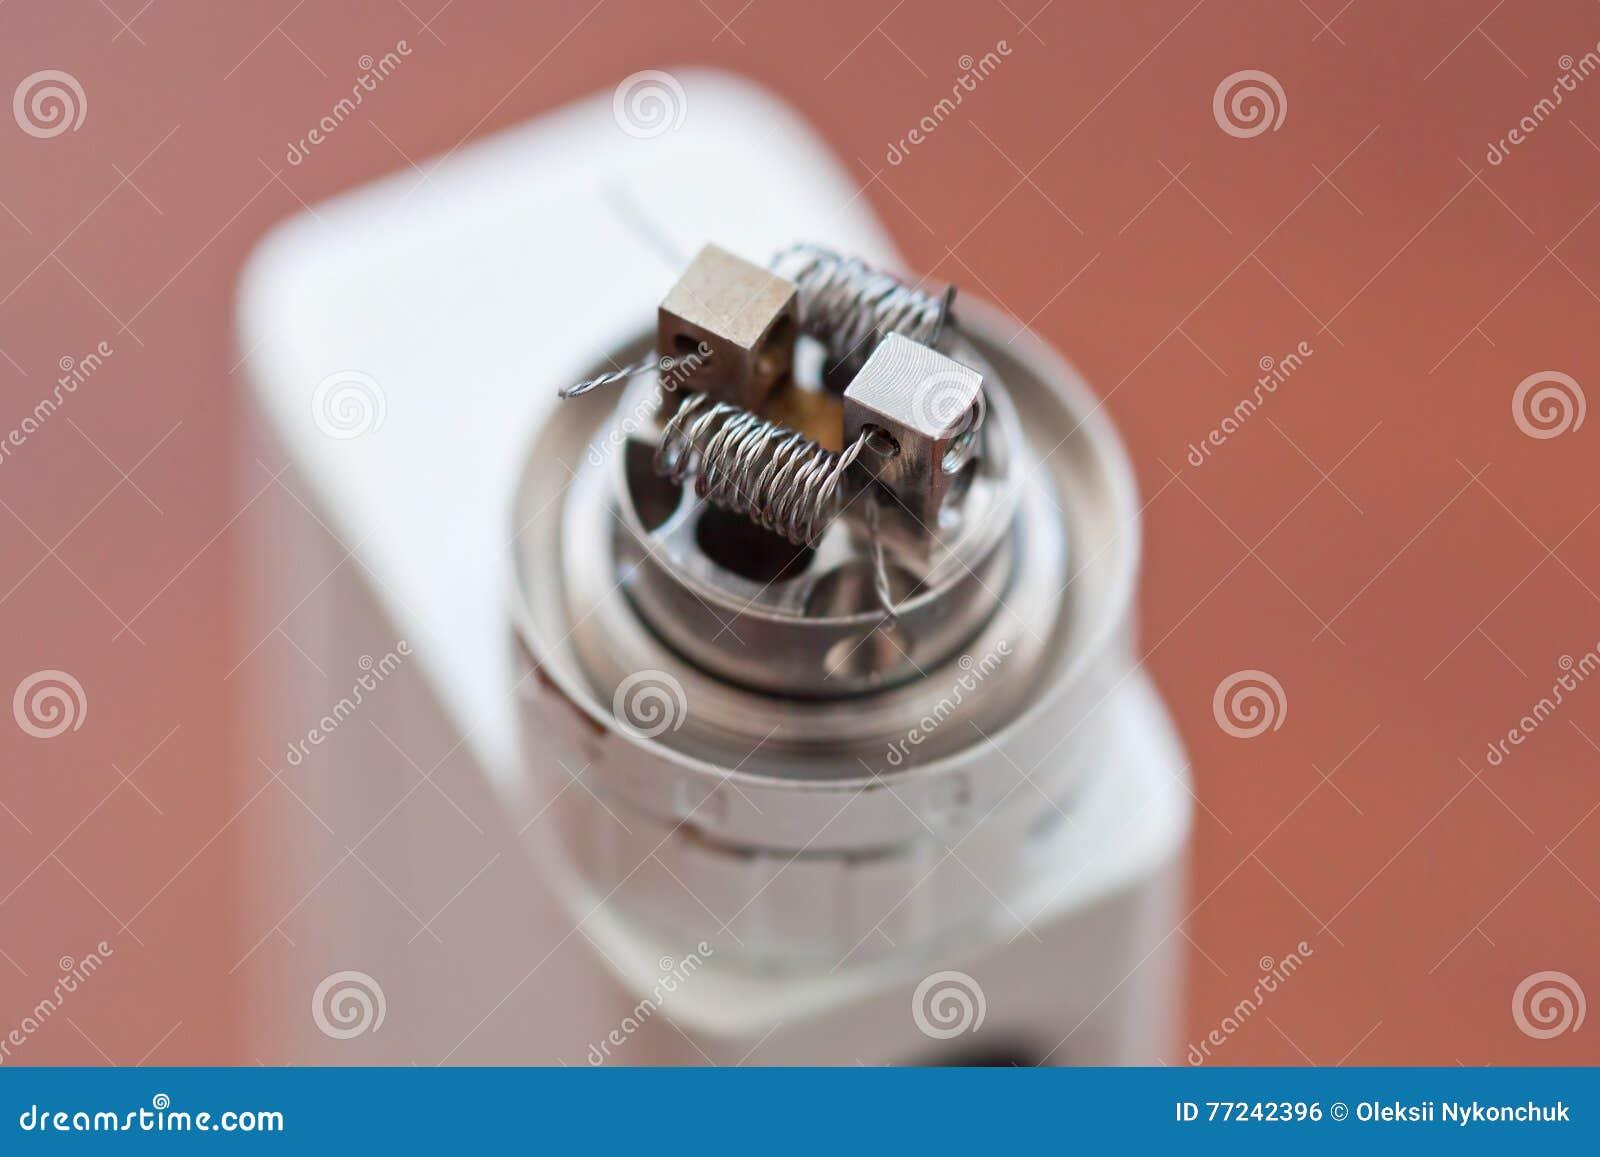 La macro foto di nuova bobina torta ha montato nella sigaretta elettronica